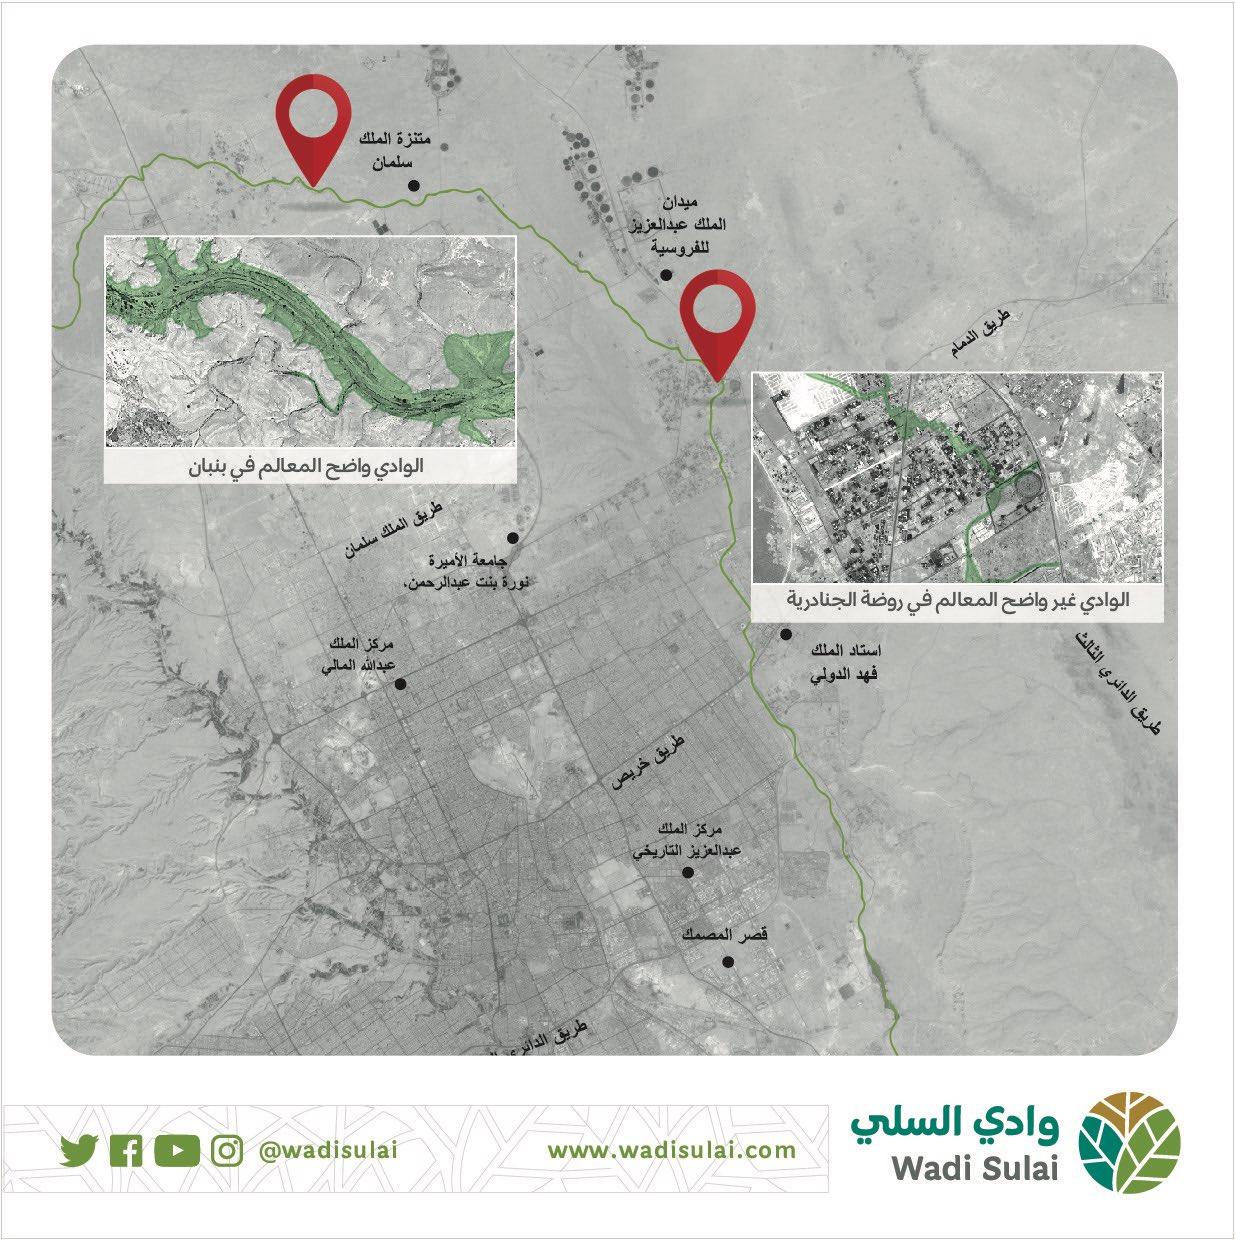 3a4c7844b وادي السلي on Twitter: